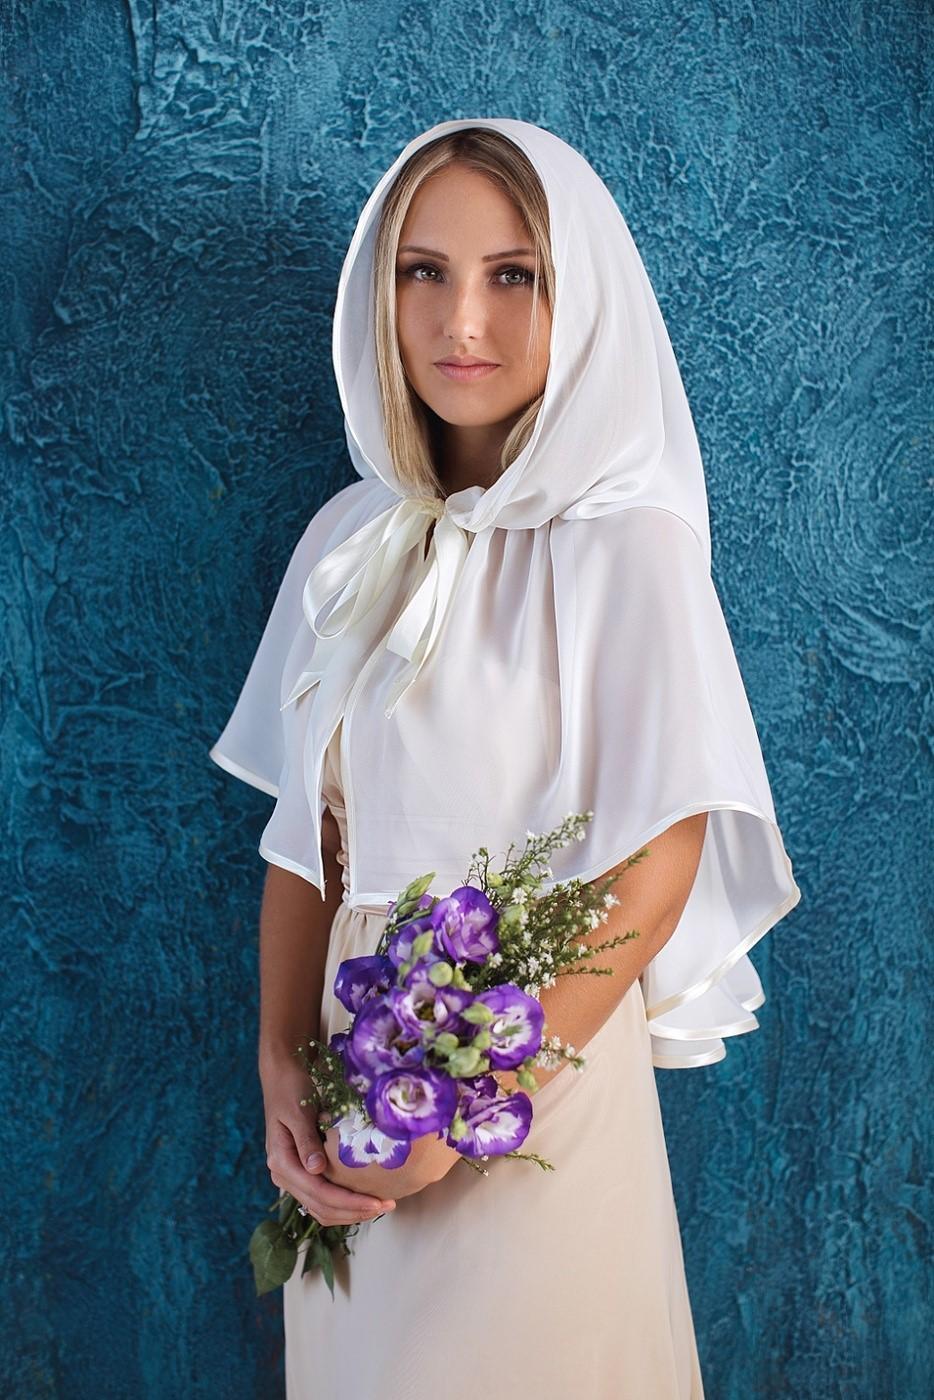 Почему православные женщины покрывают голову платком, посещая церковь